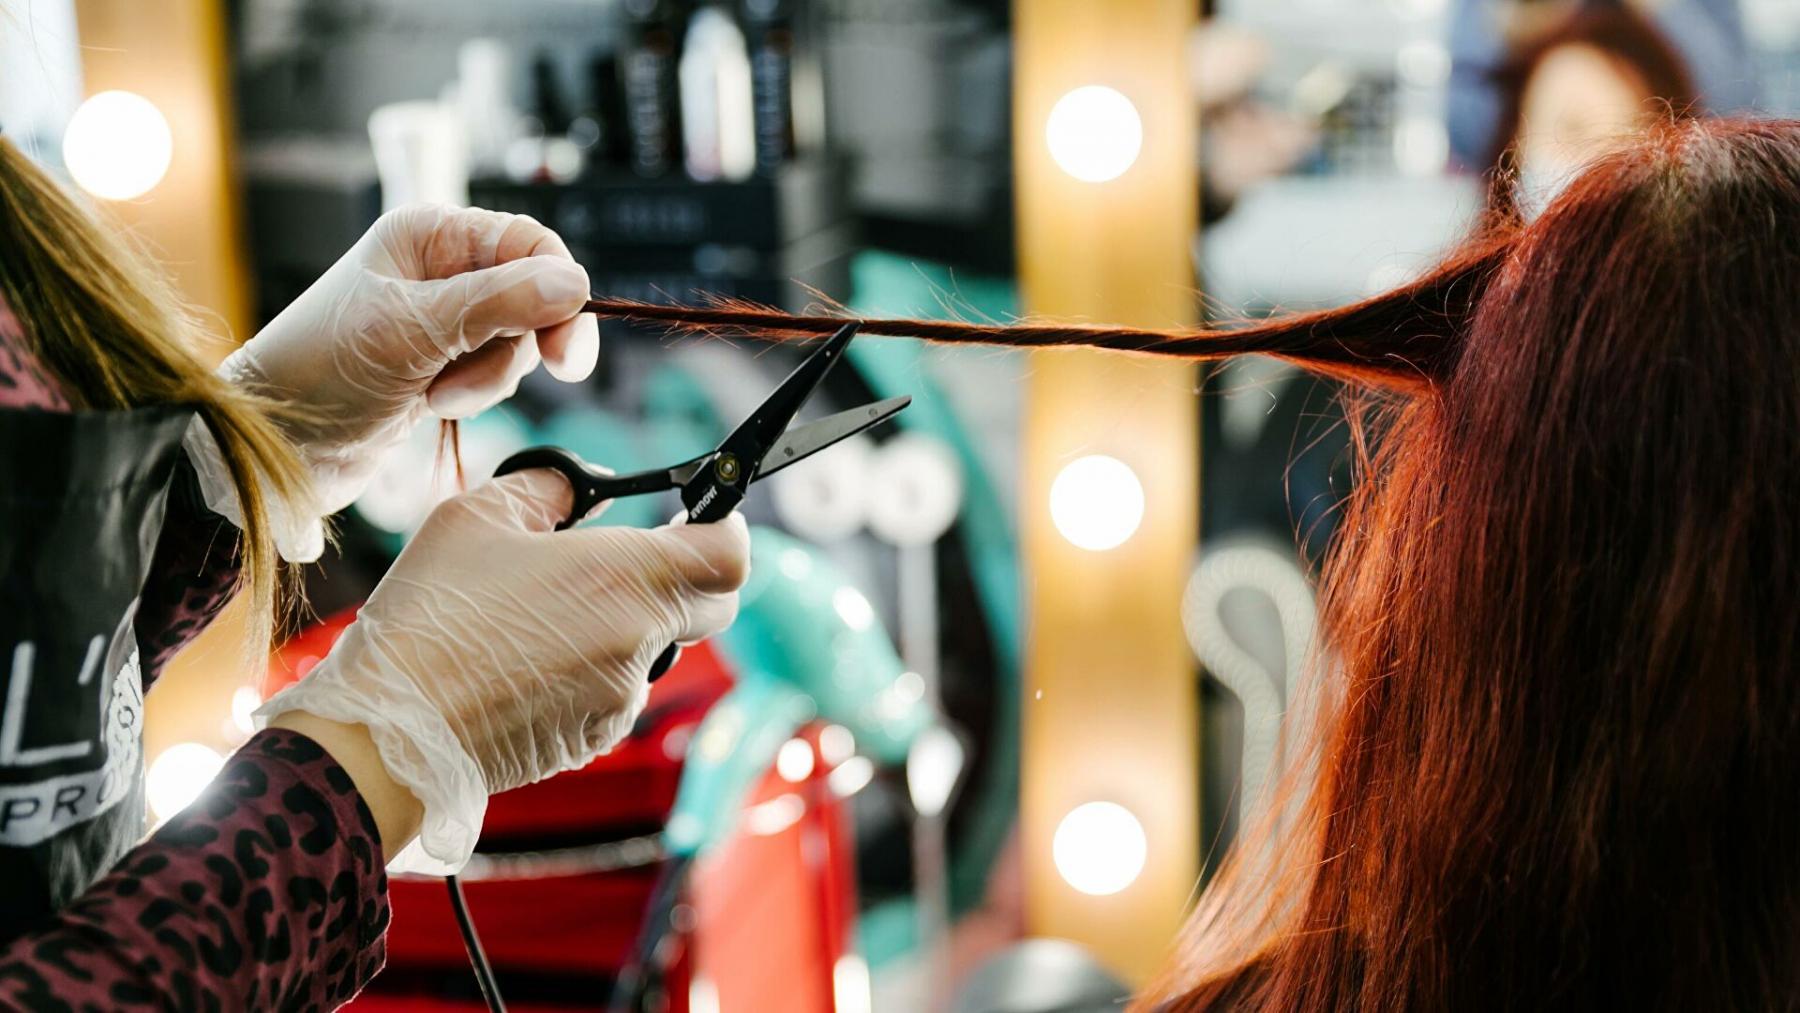 фото Врачи, таксисты, парикмахеры: новосибирские предприниматели рассказали о работе в длинные майские выходные 2